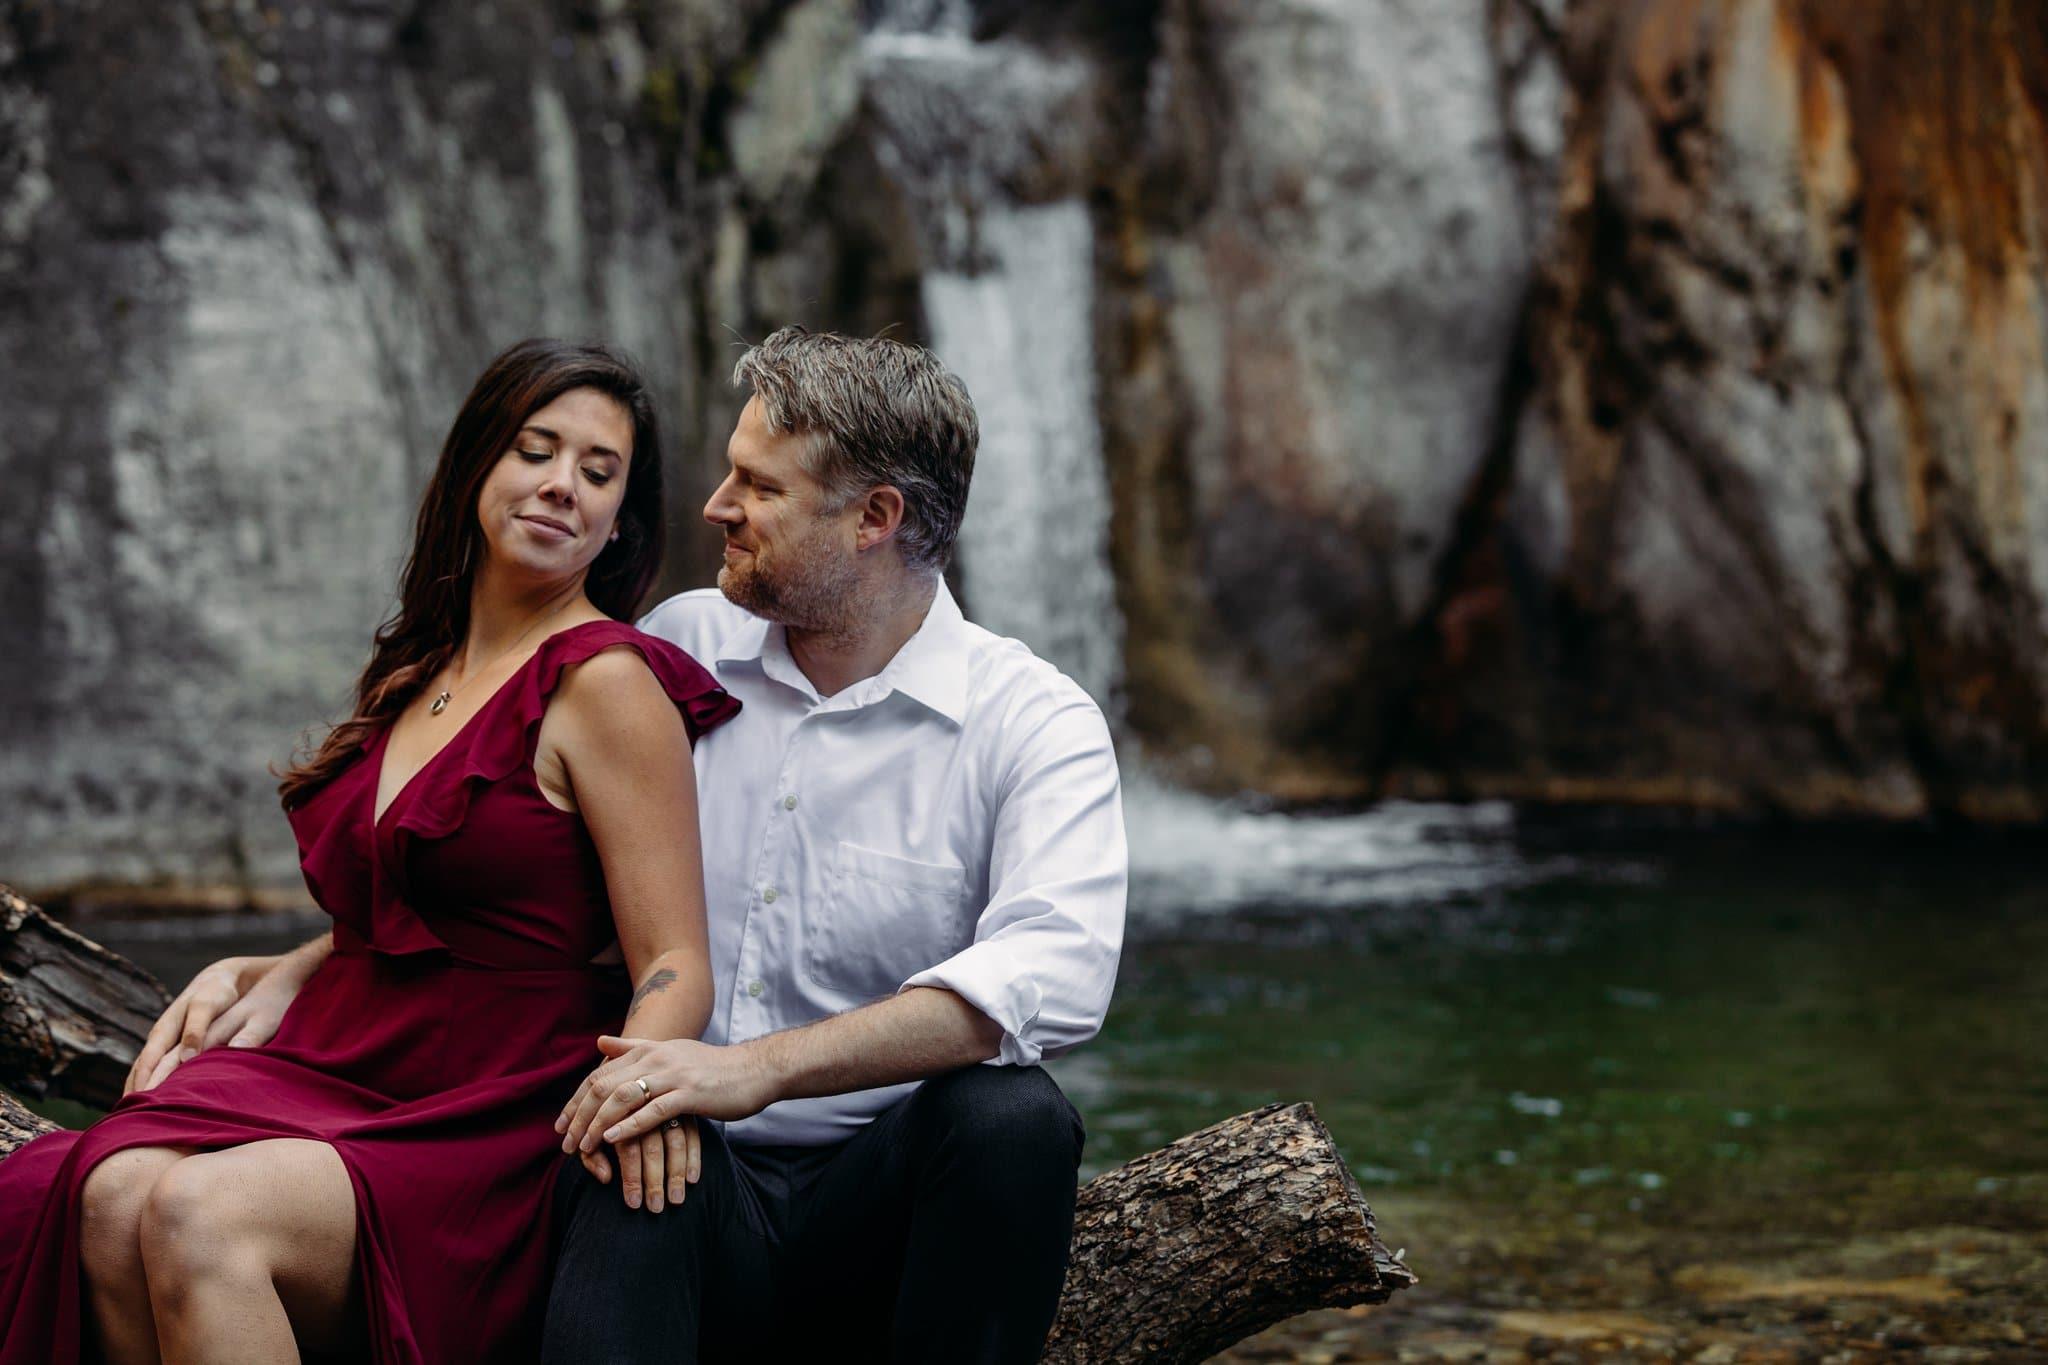 AshleyDaphnePhotography Calgary Photographer Wedding Engagement Couple Rocky Mountains Barrier Lake_0009.jpg